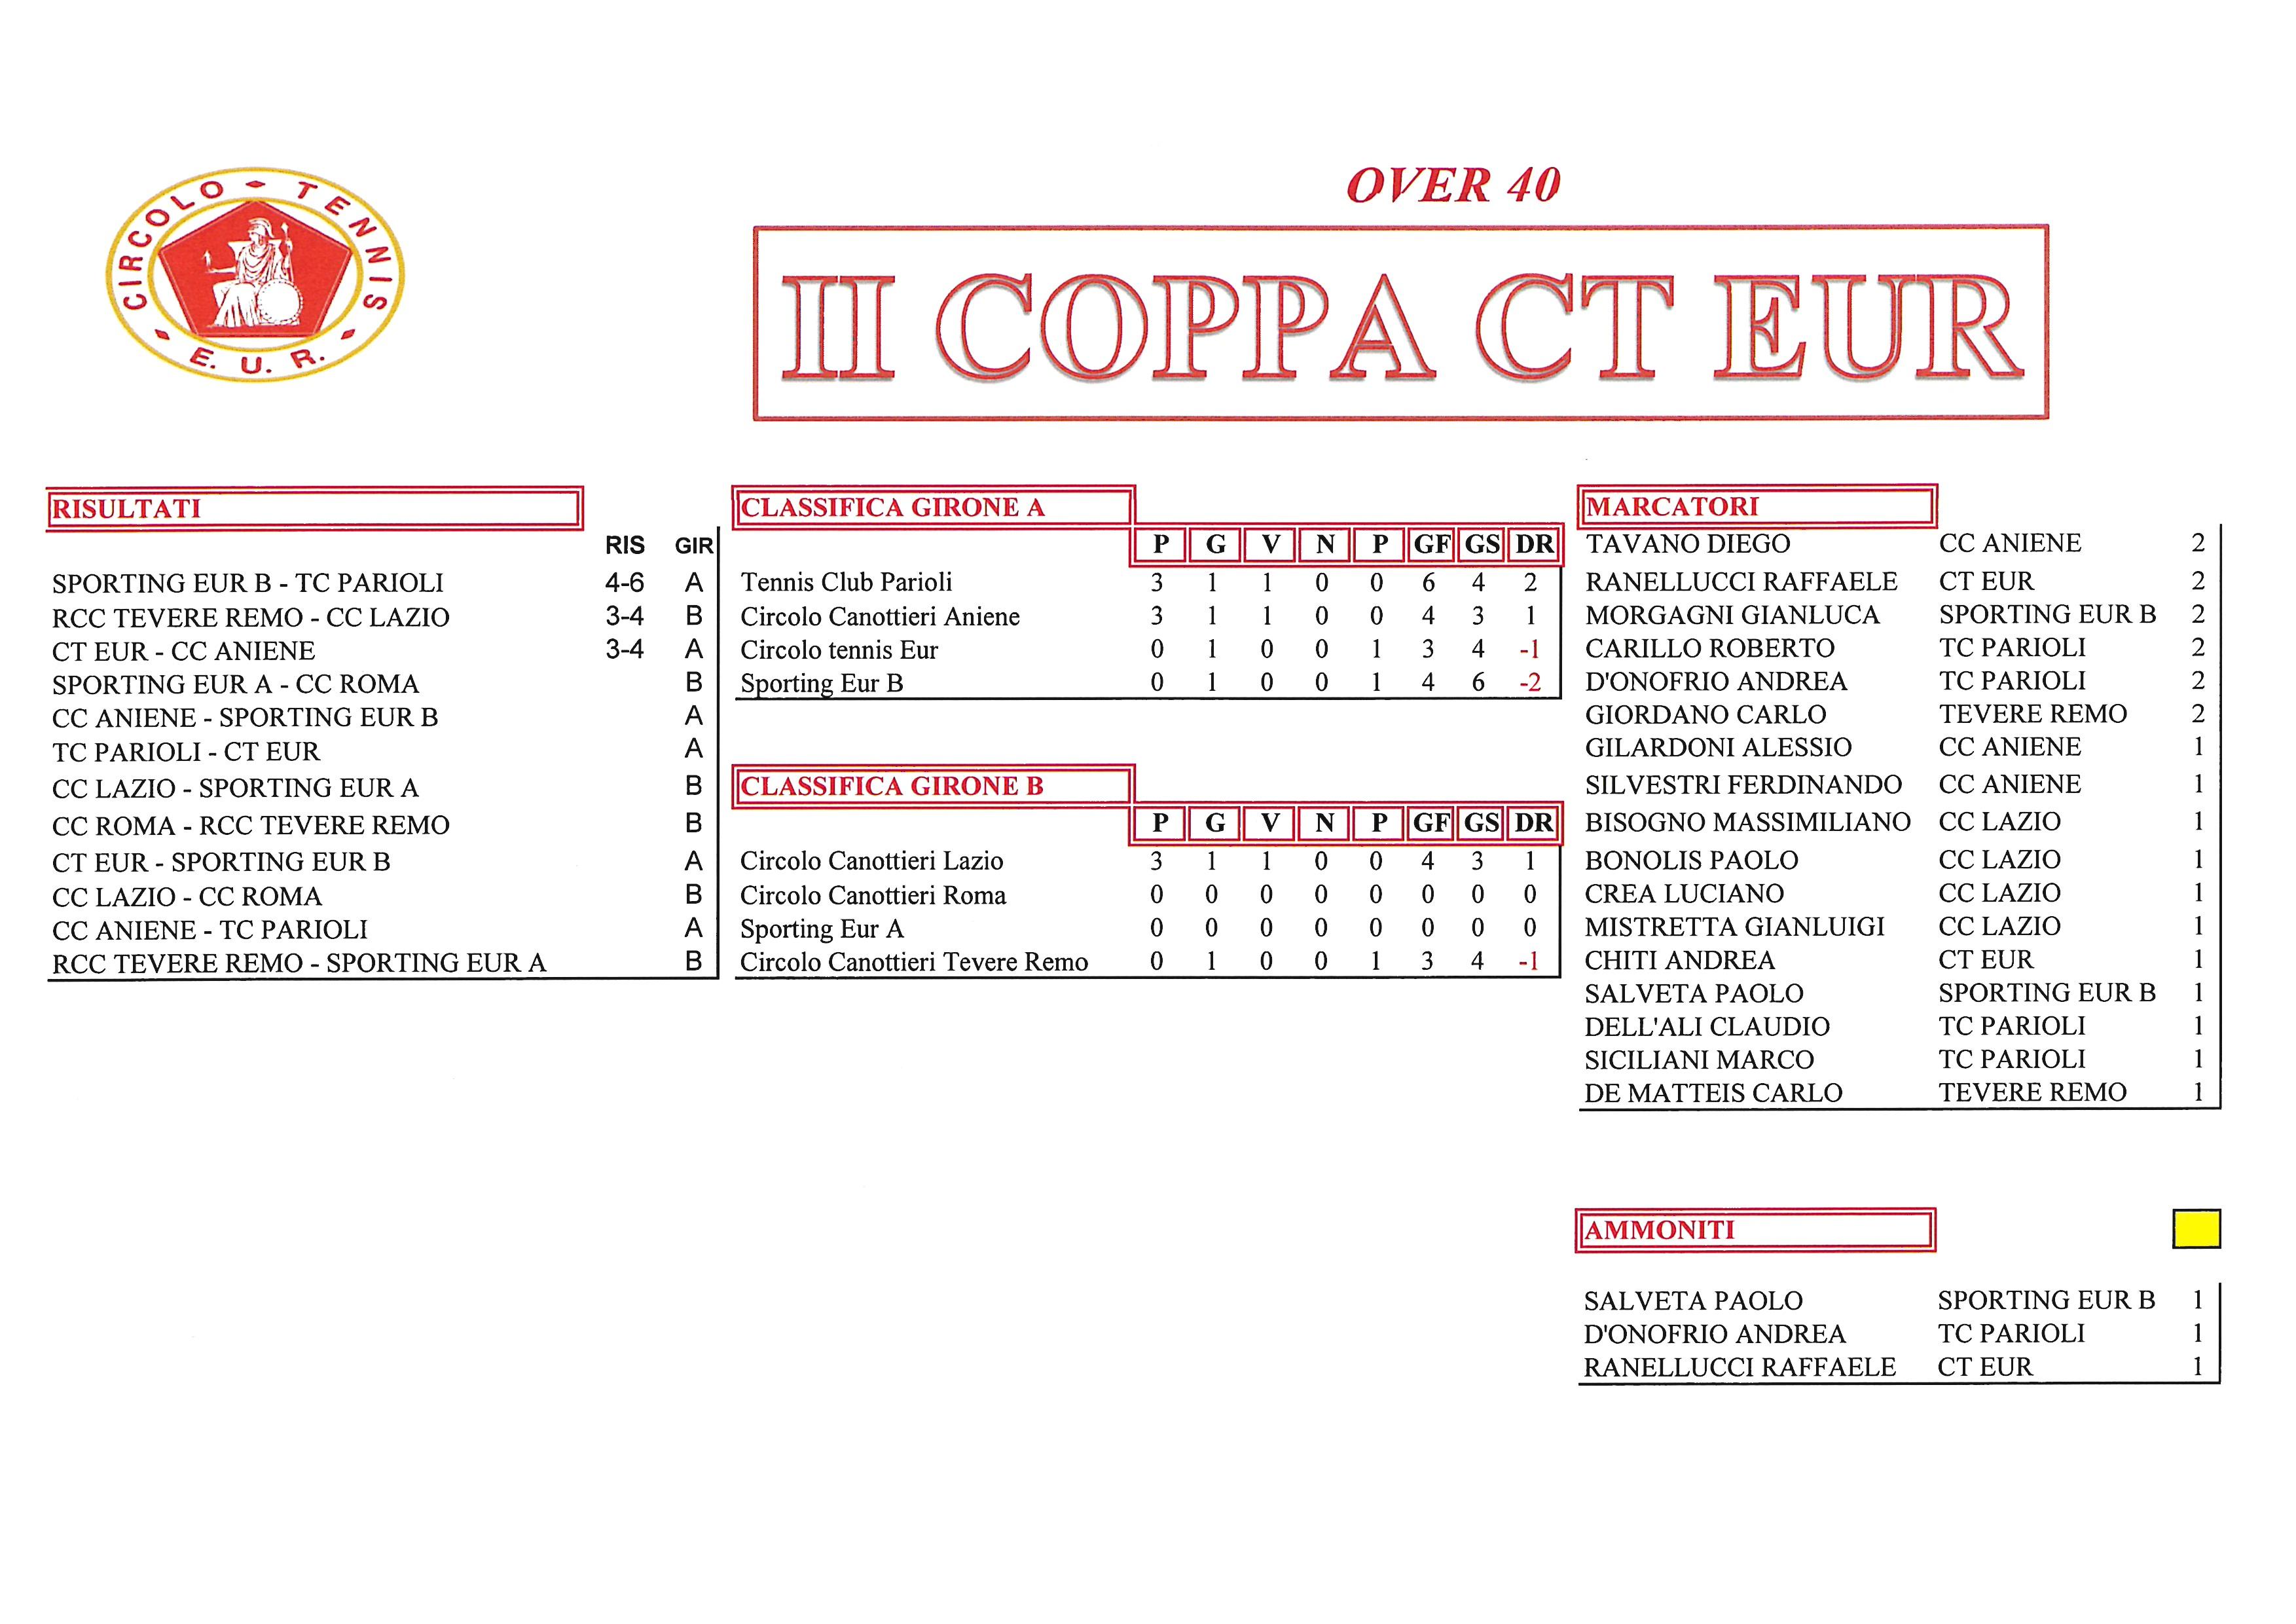 Coppa-CT-Eur-risultati-del-22-settembre2017-Over-40